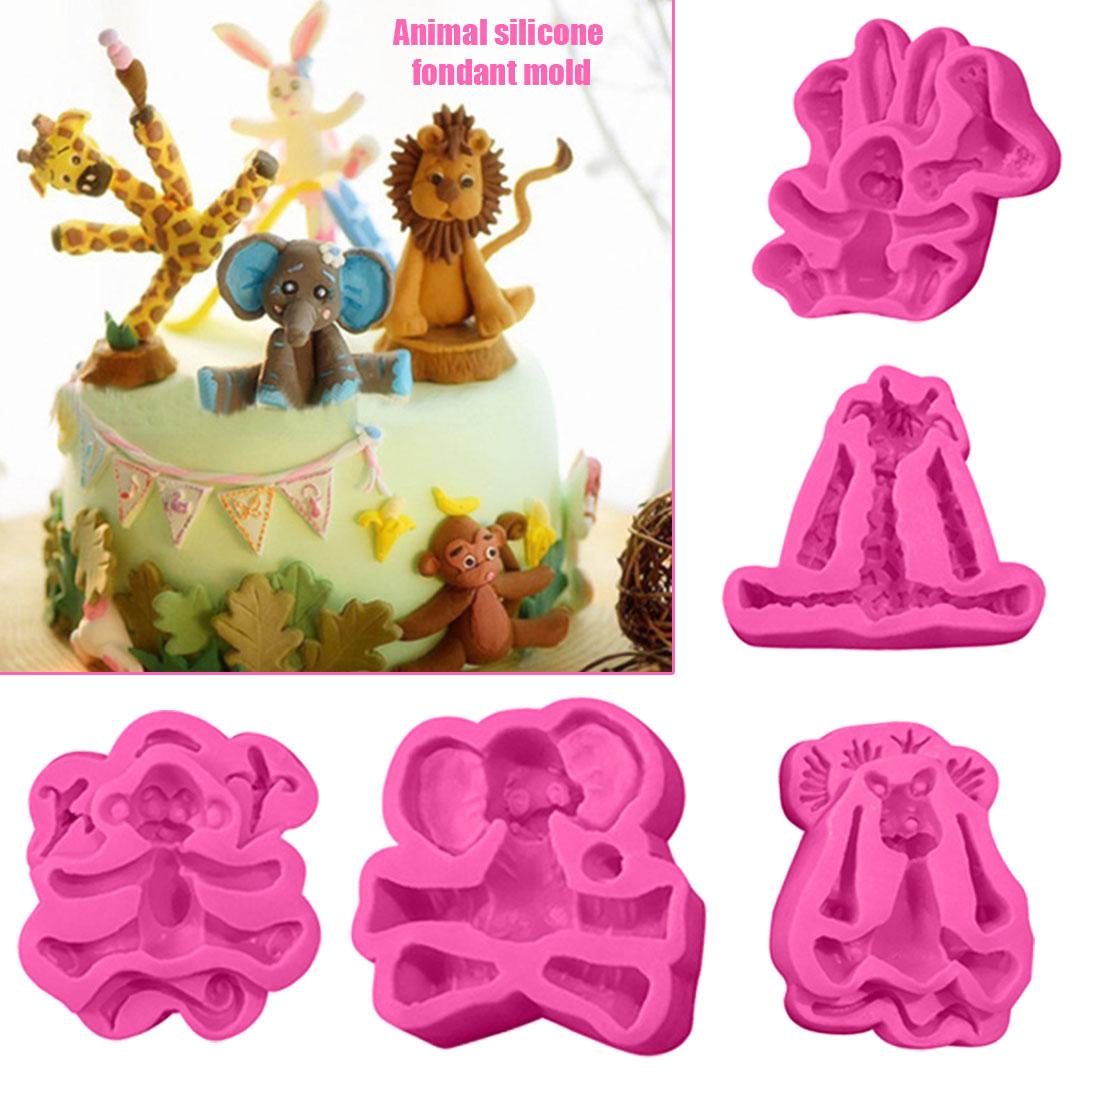 Animals Sugar Craft Chocolate Cake Fondant Silicone Mold Elephant Giraffe Lion Rabbit Monkey Mold DIY Cake Decorating Tools